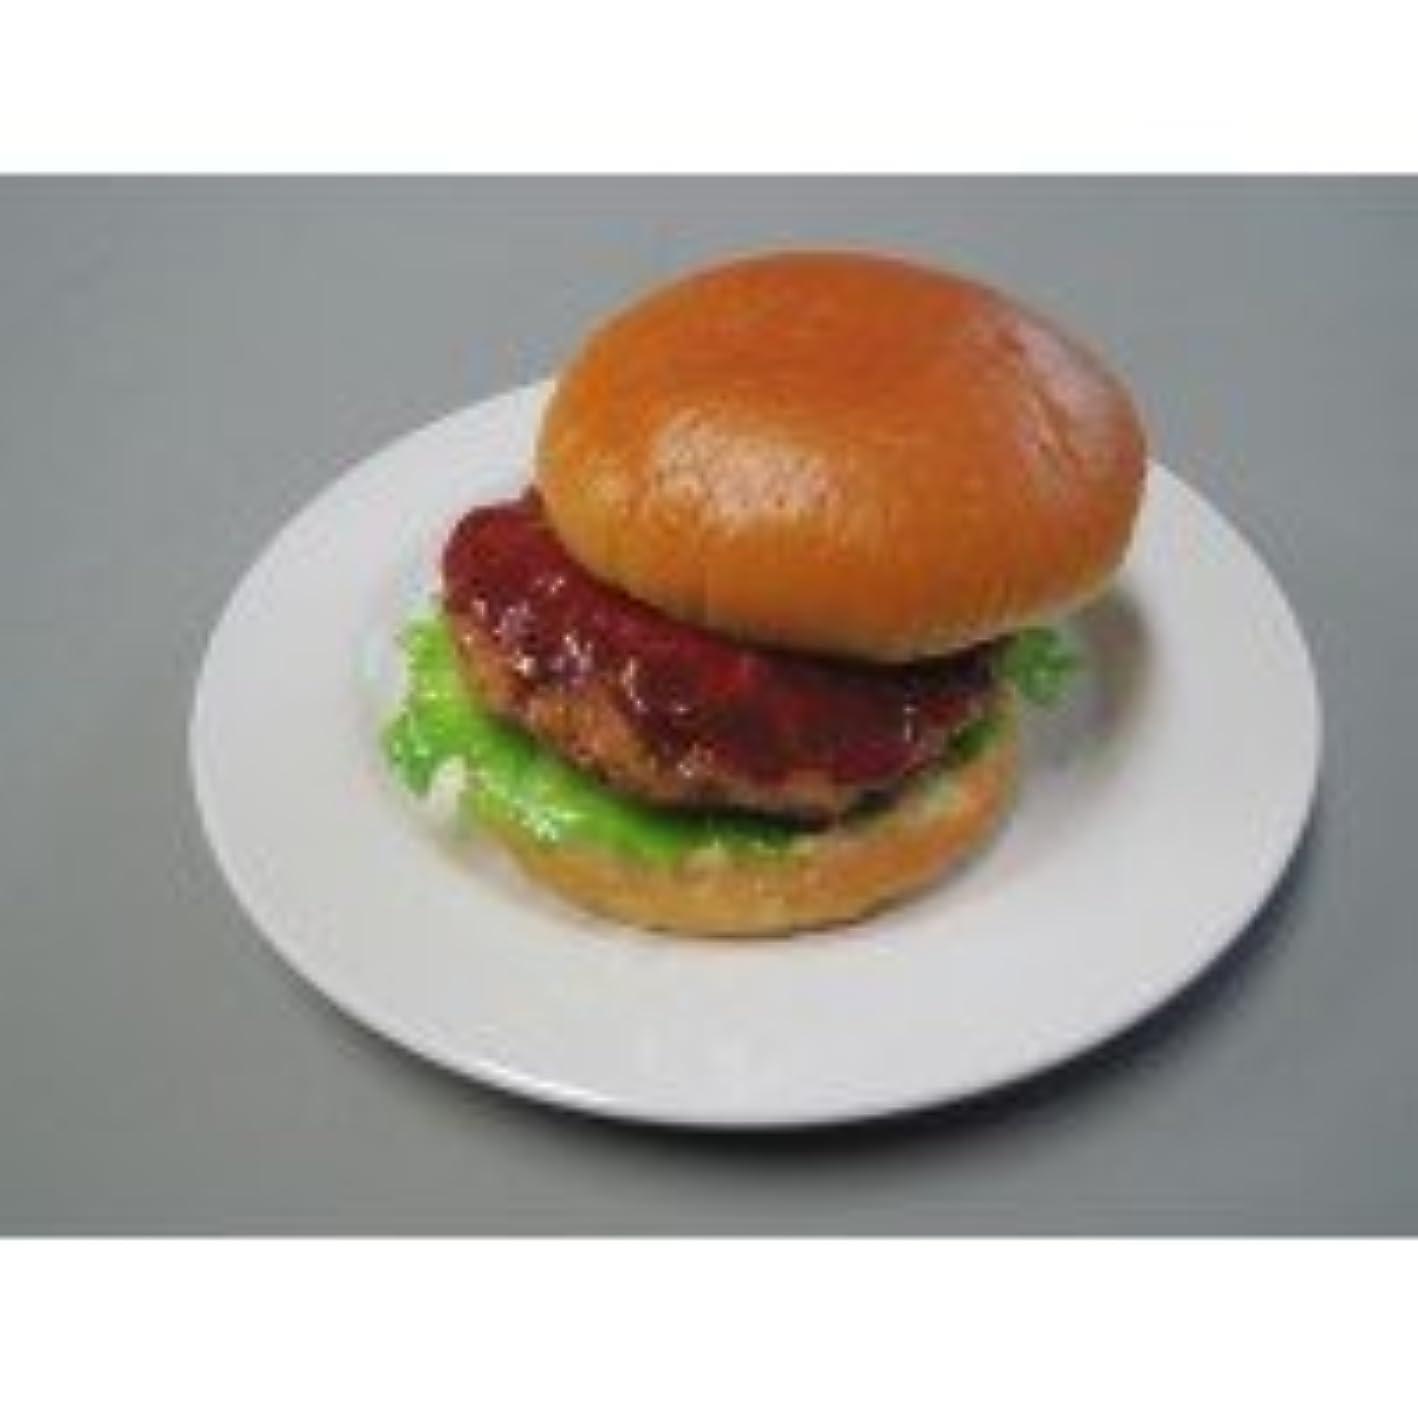 文芸あなたはと日本職人が作る 食品サンプル ハンバーガー IP-198